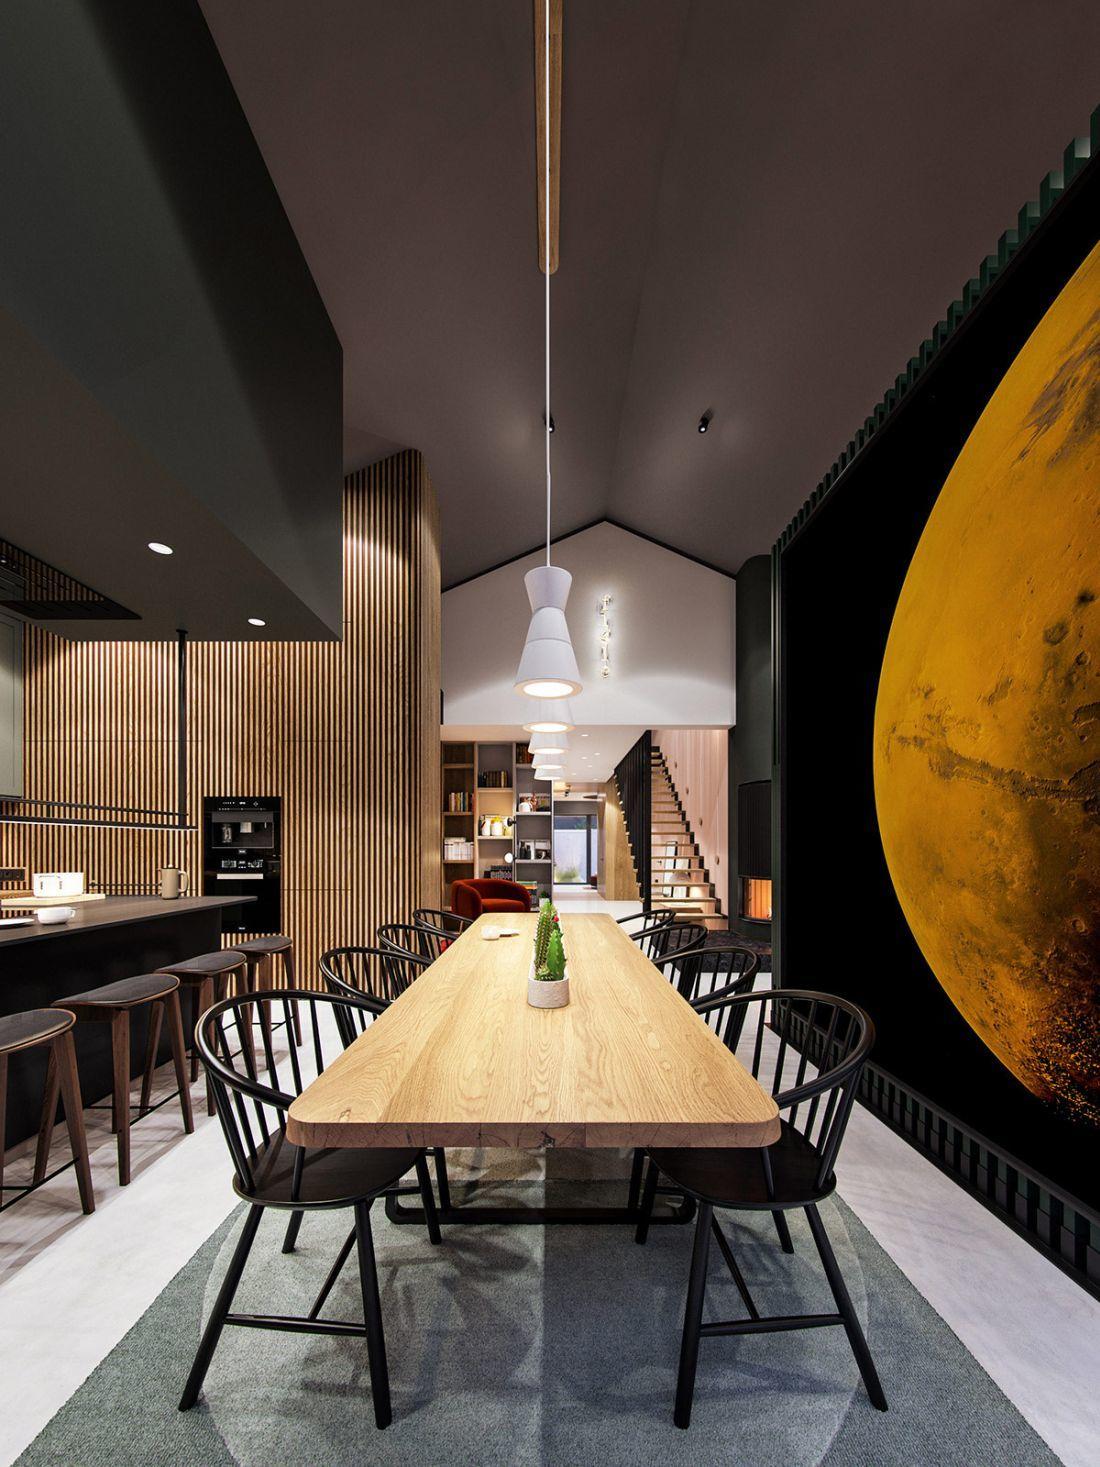 Nagy, Holdat ábrázoló poszter az étkezőben